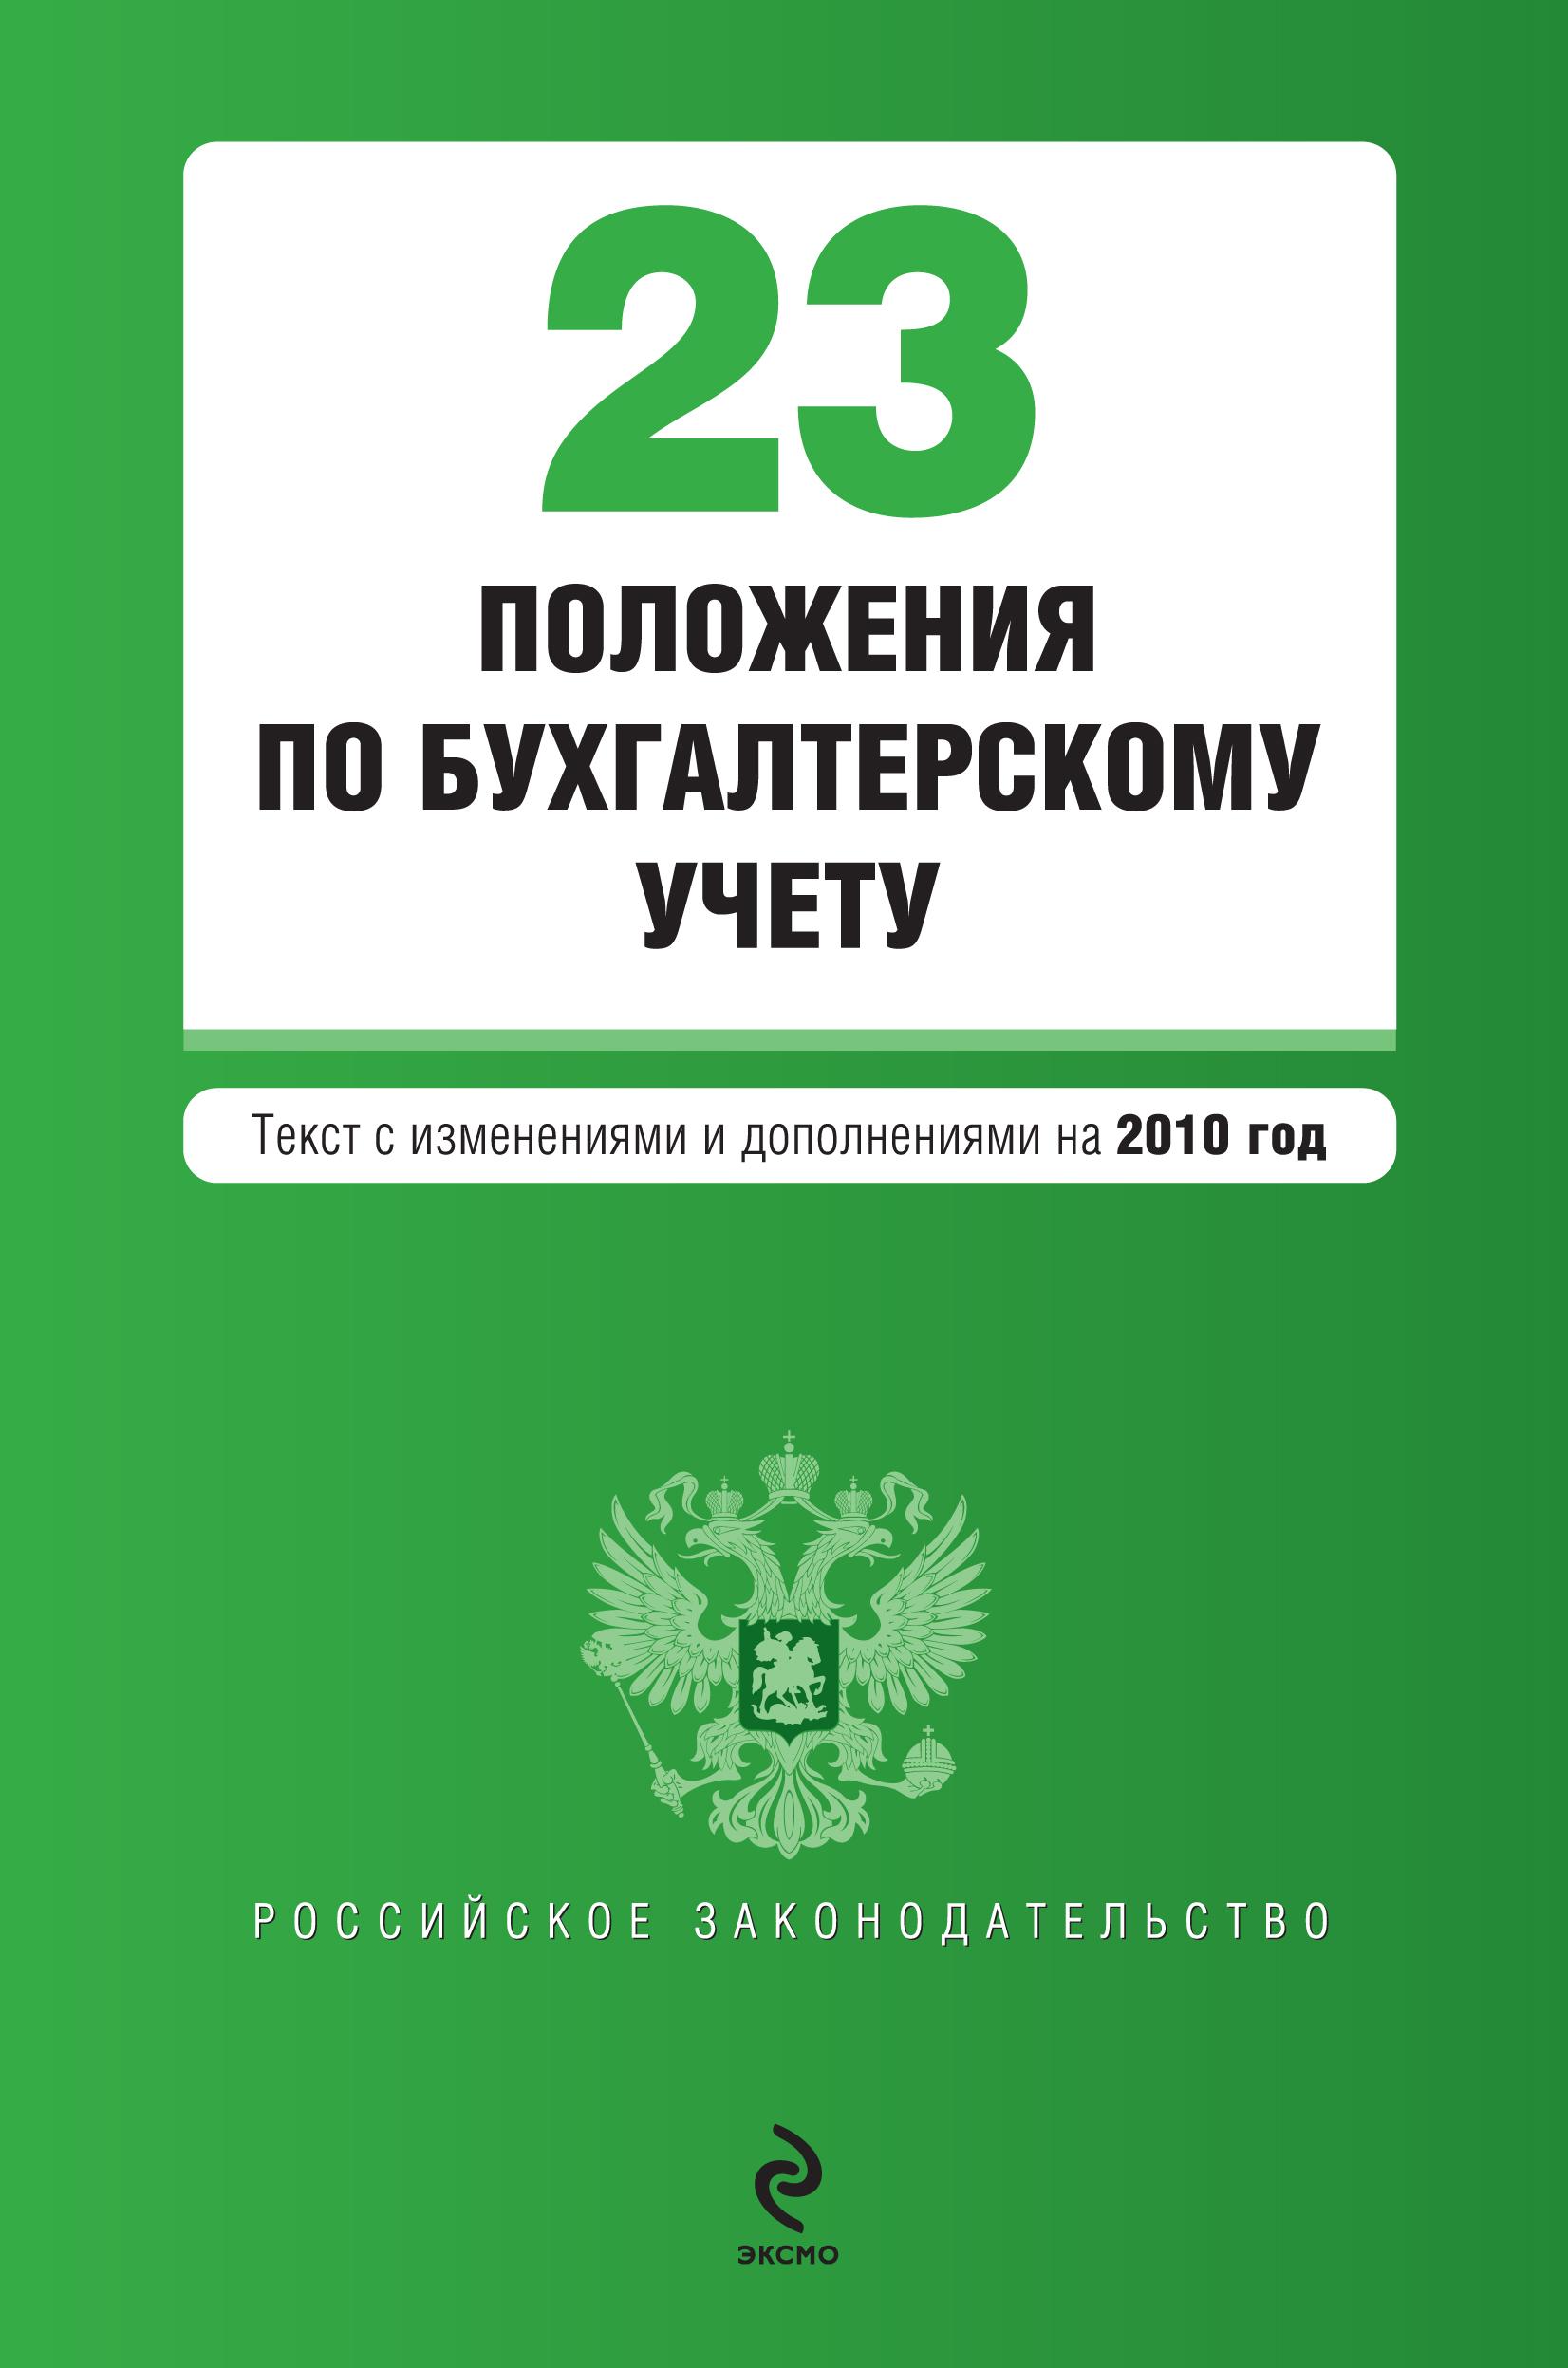 Коллектив авторов 23 положения по бухгалтерскому учету усанов в ред все положения по бухгалтерскому учету по состоянию на 2018 год